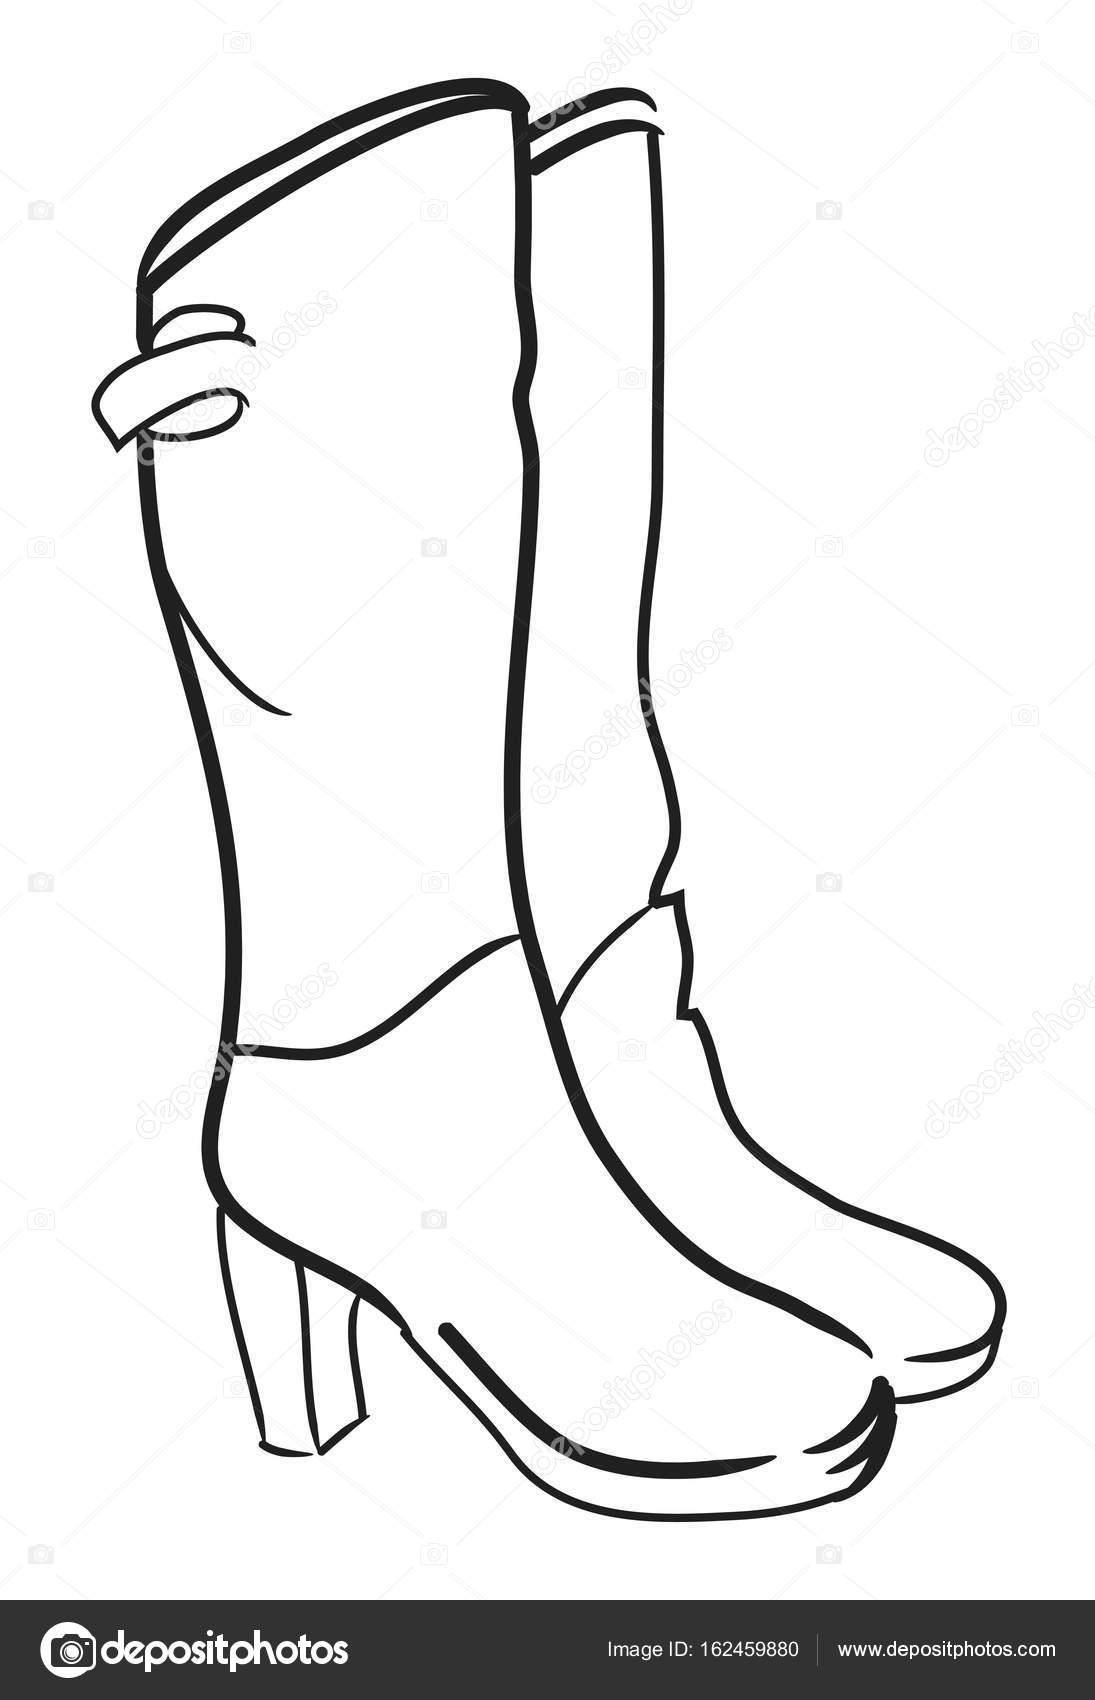 Image de dessin animé de hautes bottes image vectorielle